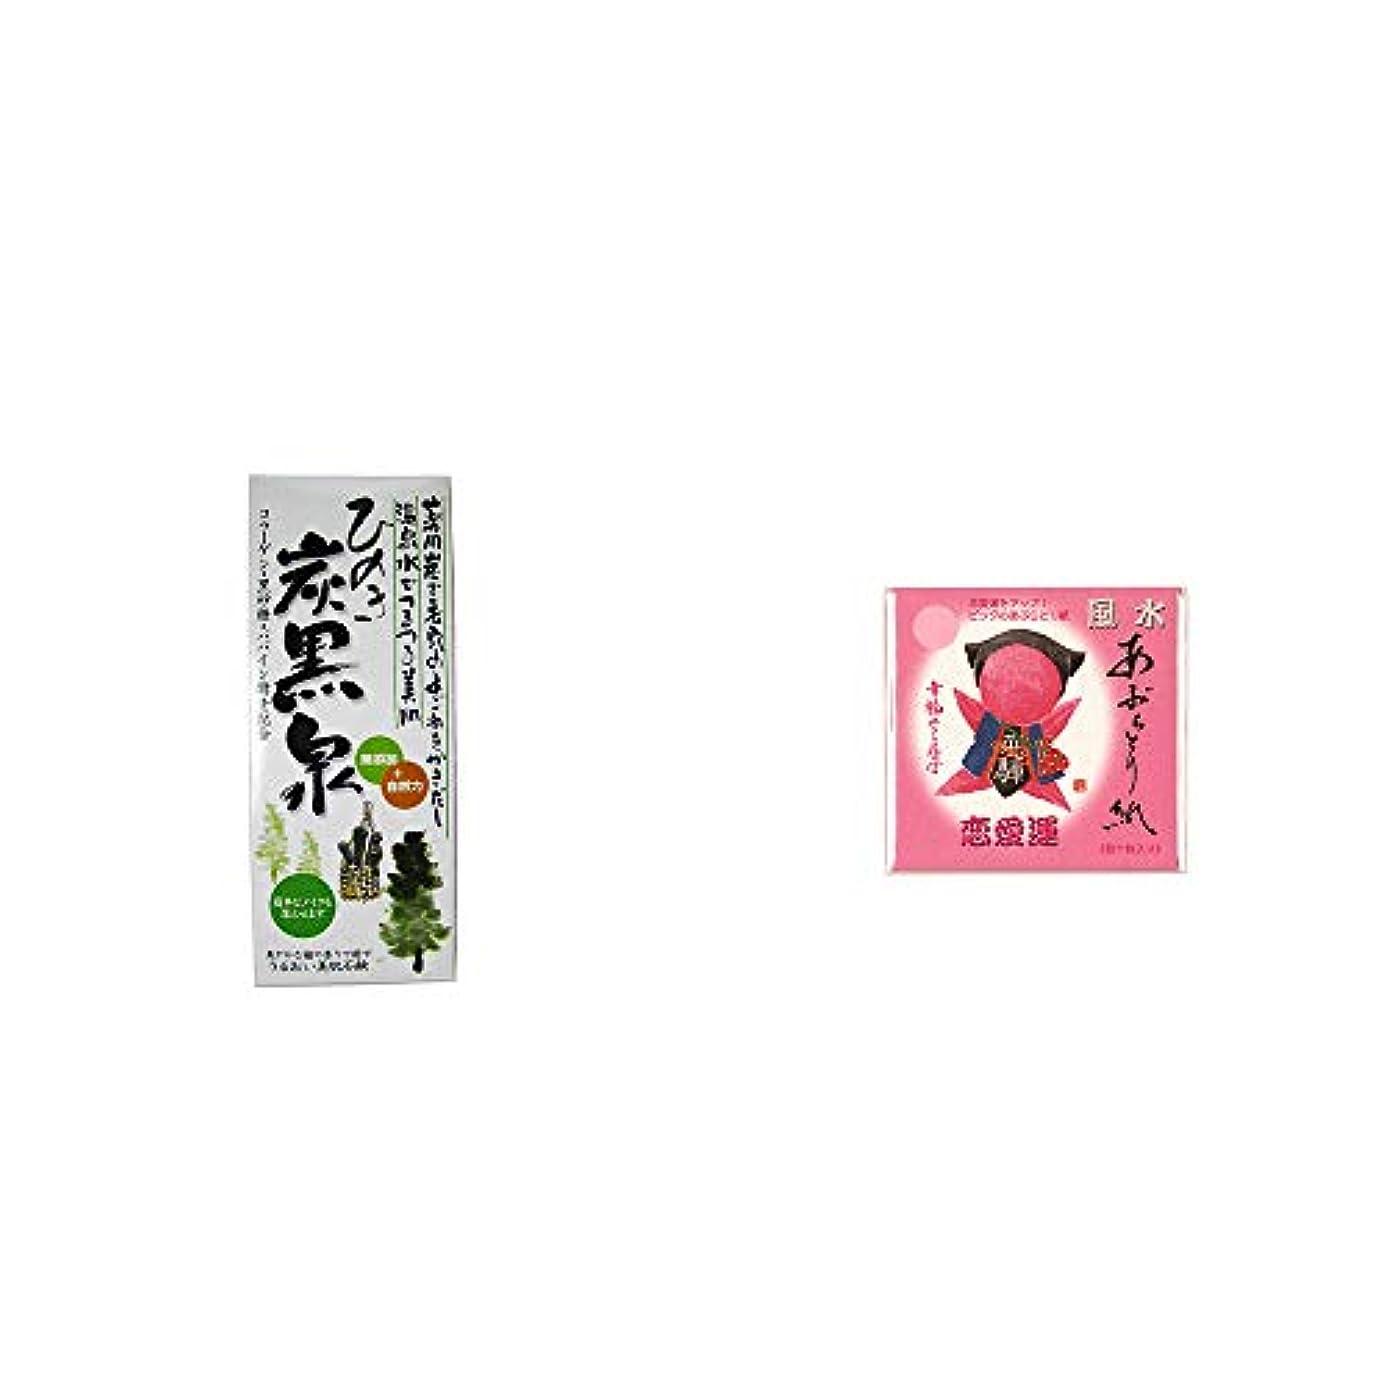 拮抗ライブワーム[2点セット] ひのき炭黒泉 箱入り(75g×3)?さるぼぼ 風水あぶらとり紙【ピンク】